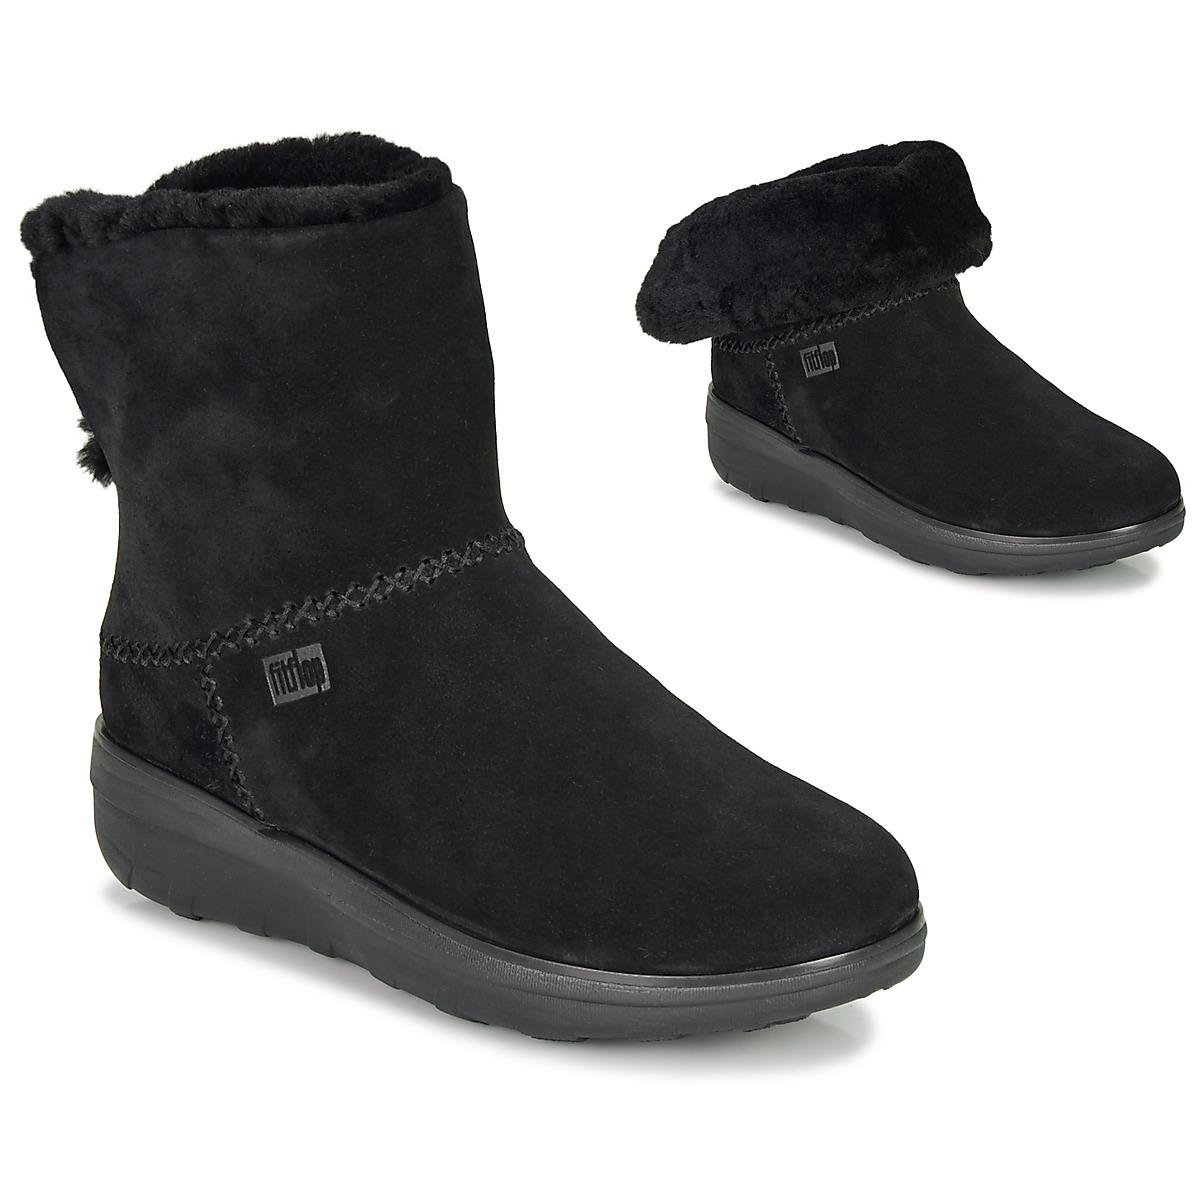 Støvler FitFlop  MUKLUK SHORTY III